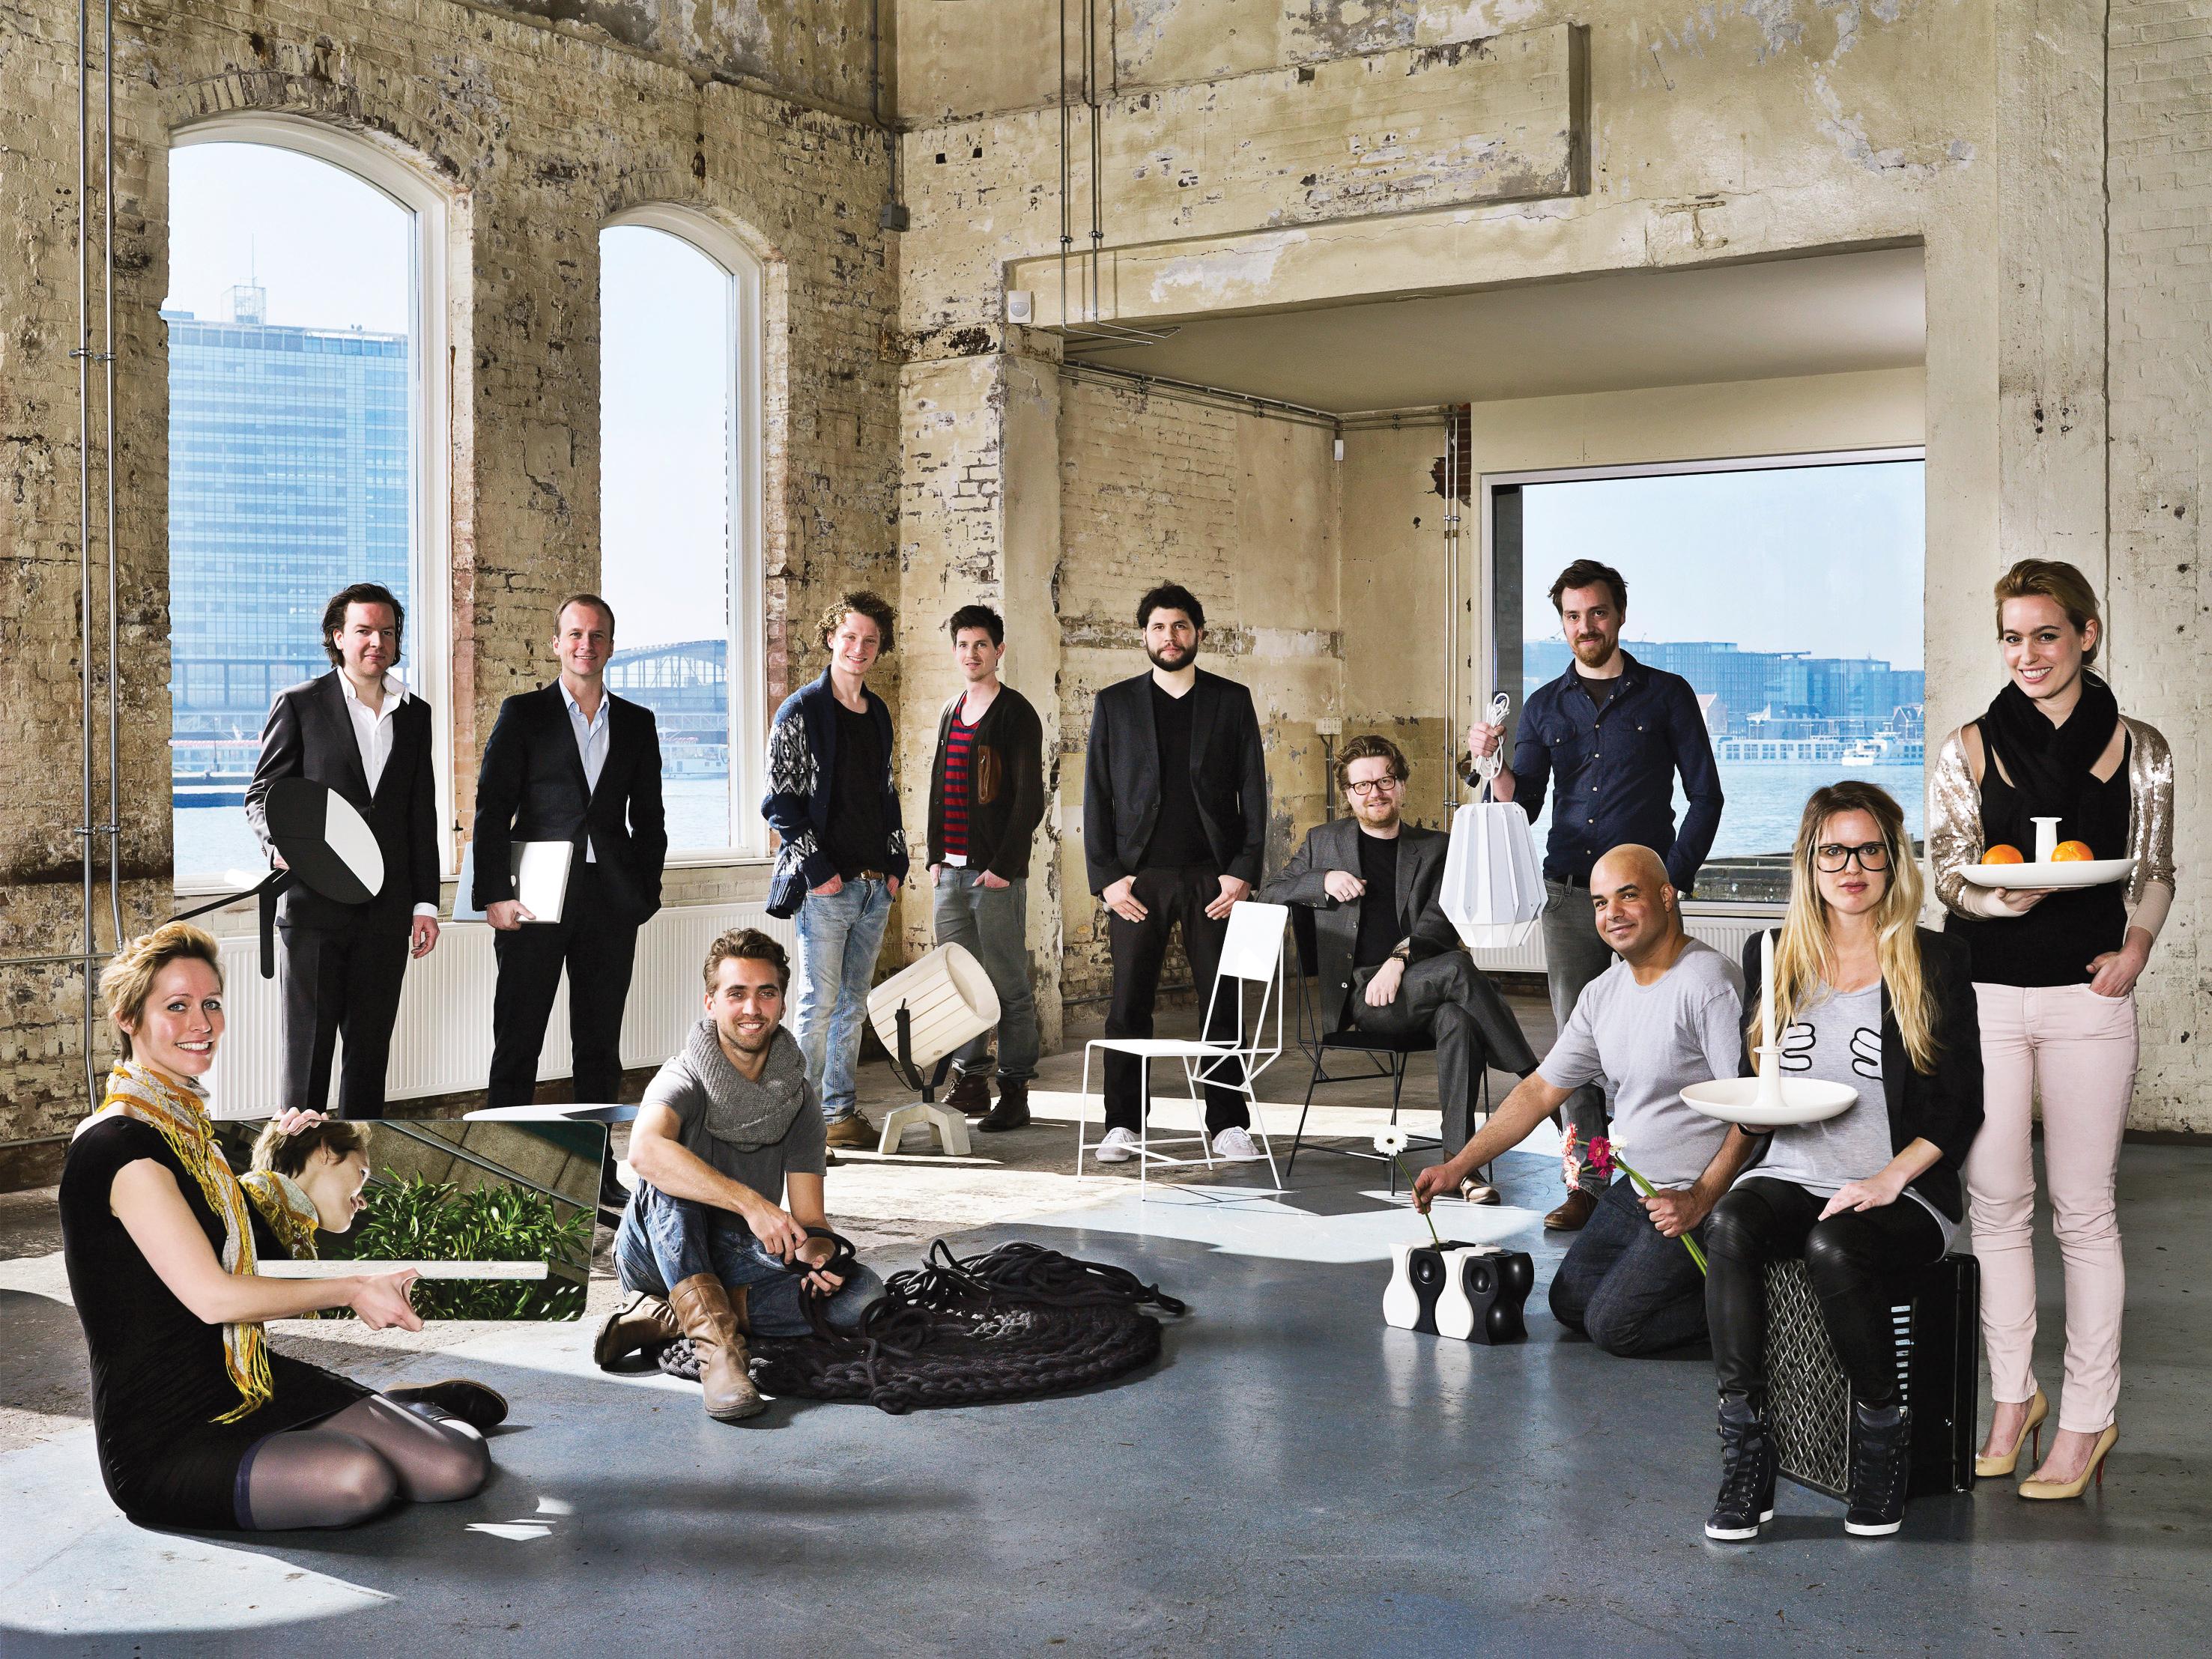 Portrait of New Duivendrecht designers.